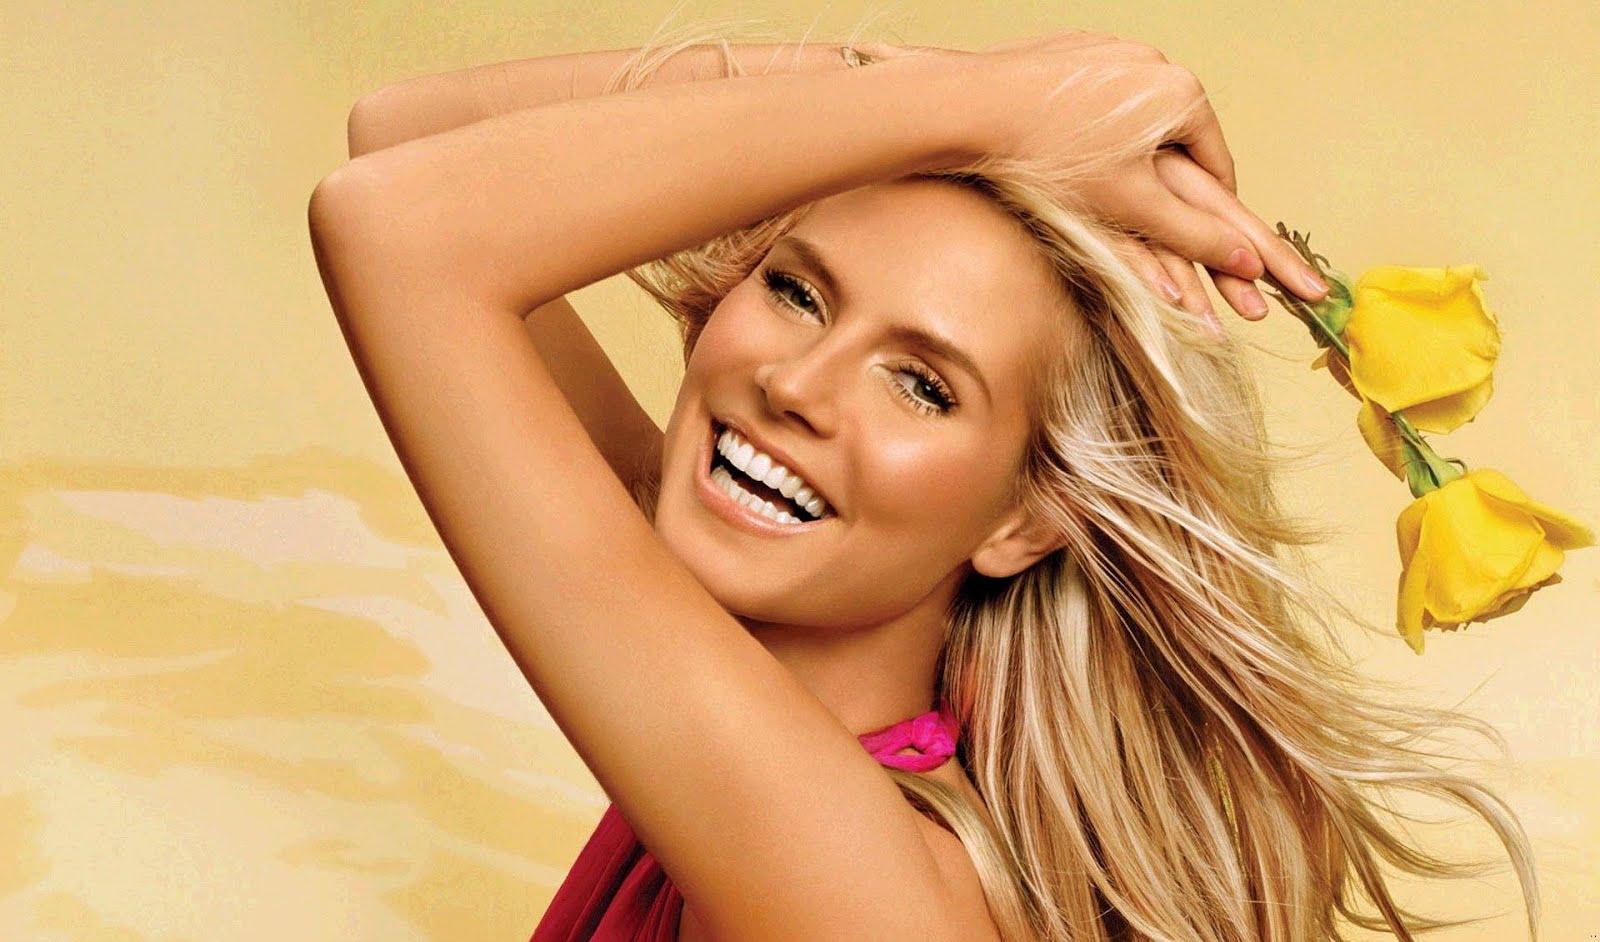 http://2.bp.blogspot.com/-osd5-rKw4D4/Txw71BdH1xI/AAAAAAAANtI/ZzHq1_isfDo/s1600/Heidi_Klum_Hd_wallpapers_smile.jpg